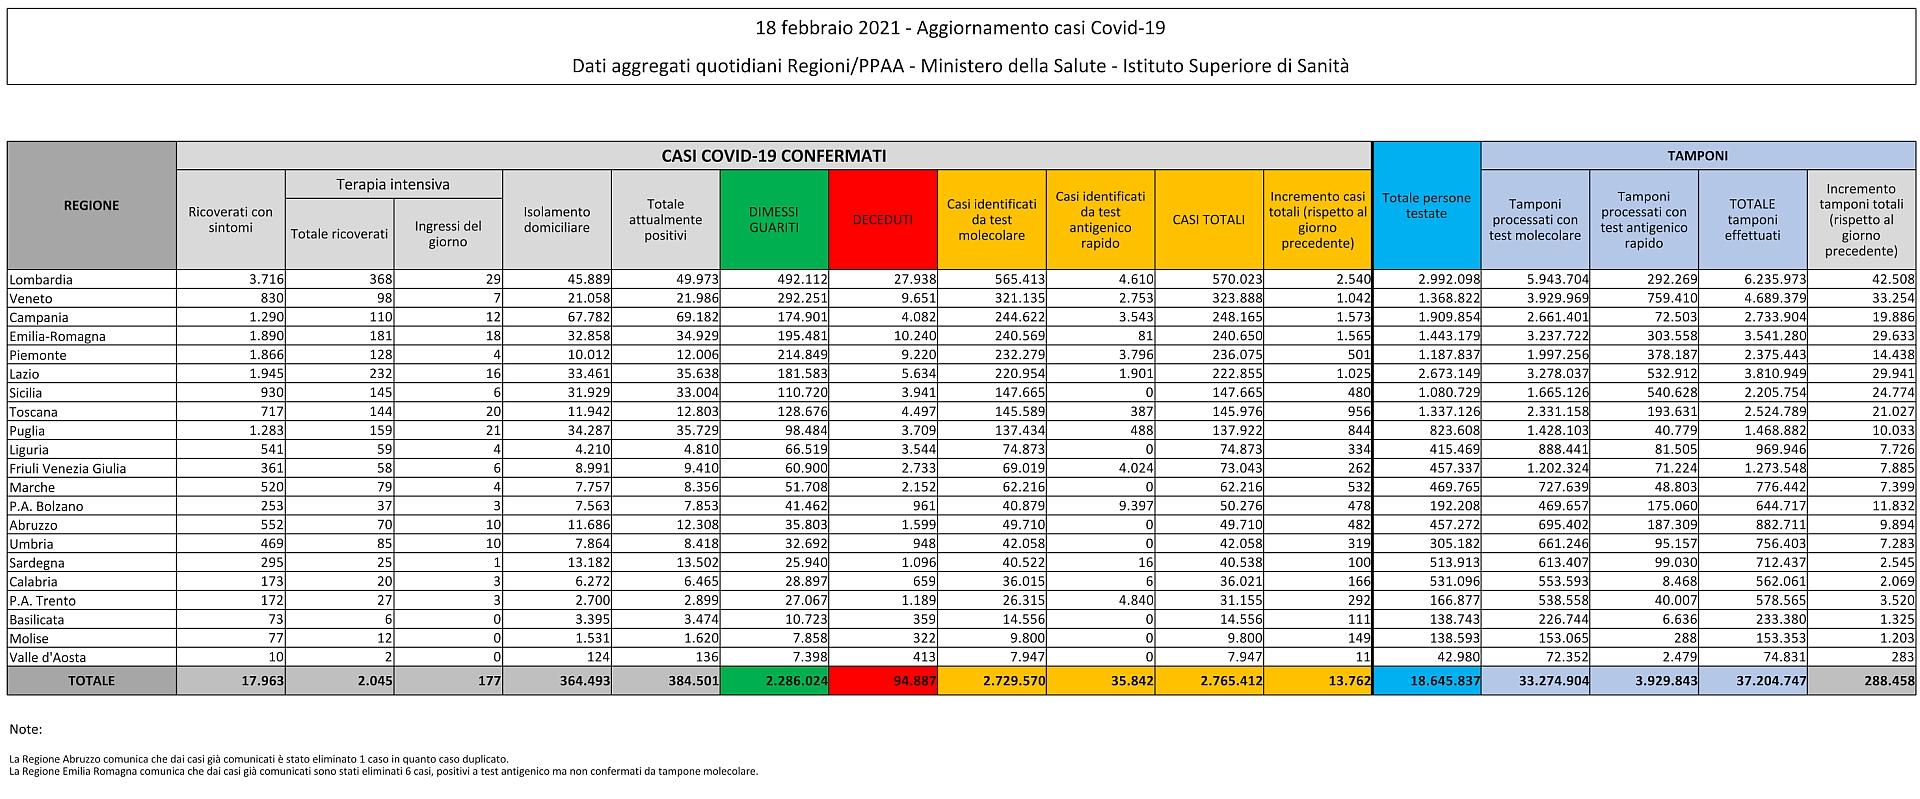 18 febbraio 2021 - Aggiornamento casi Covid-19 Dati aggregati quotidiani Regioni/PPAA - Ministero della Salute - Istituto Superiore di Sanità